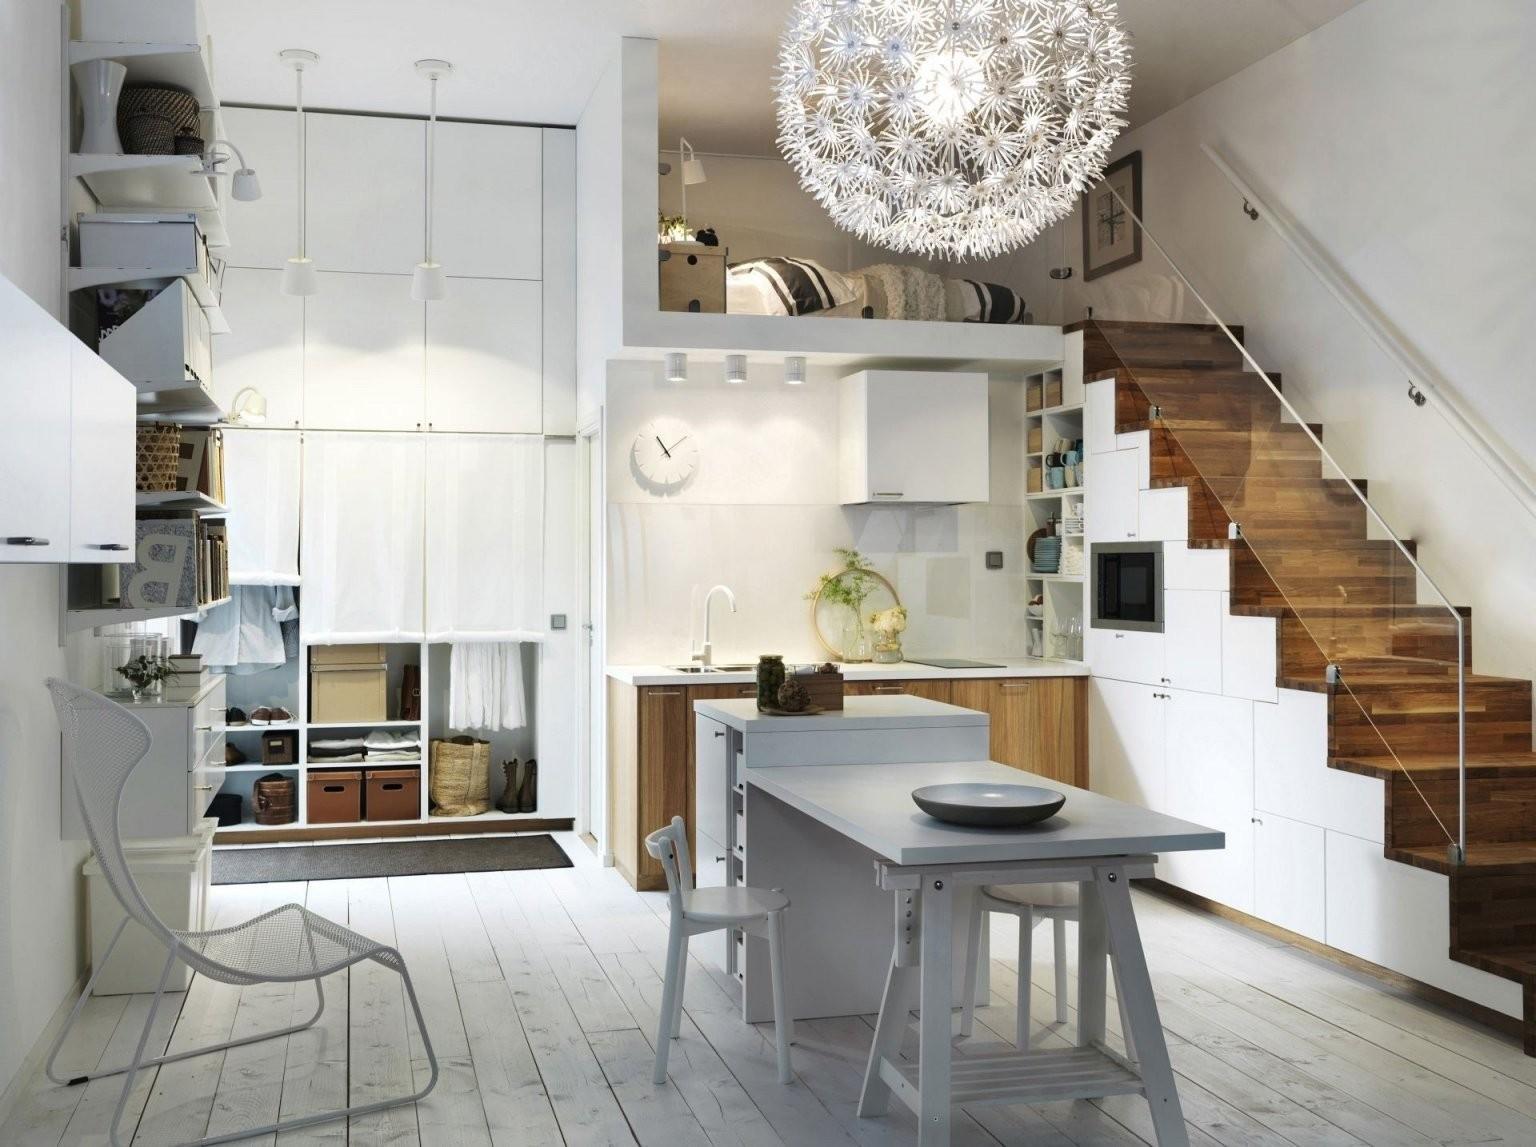 Tolle Kleine Schmale Küche Einrichten Ideen 5667 von Kleine Schmale Küche Einrichten Bild